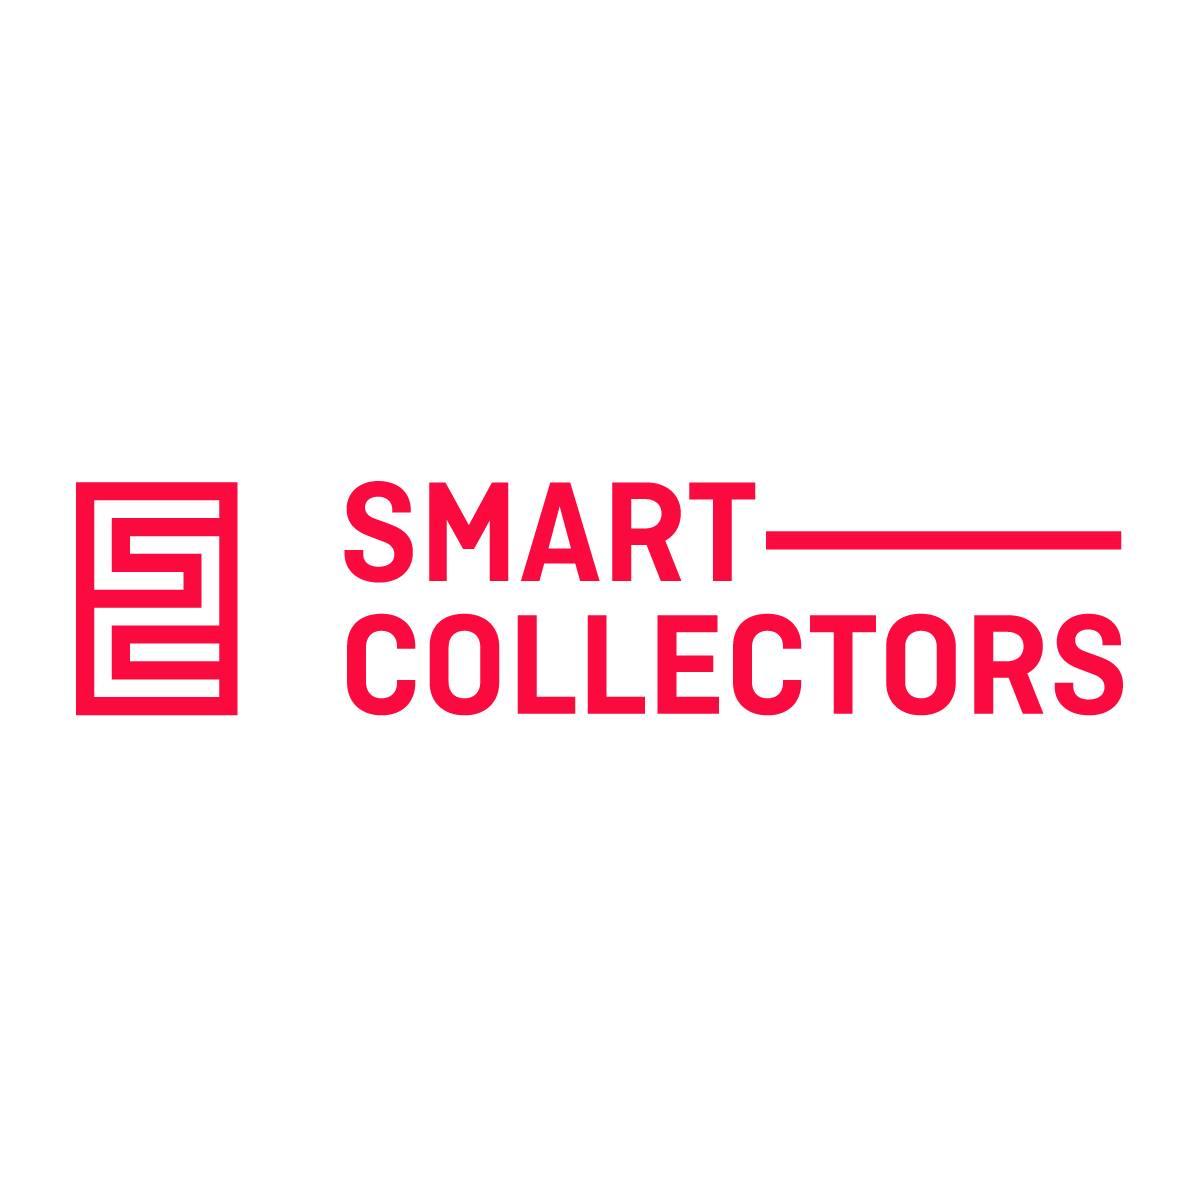 smart-collectors.jpg